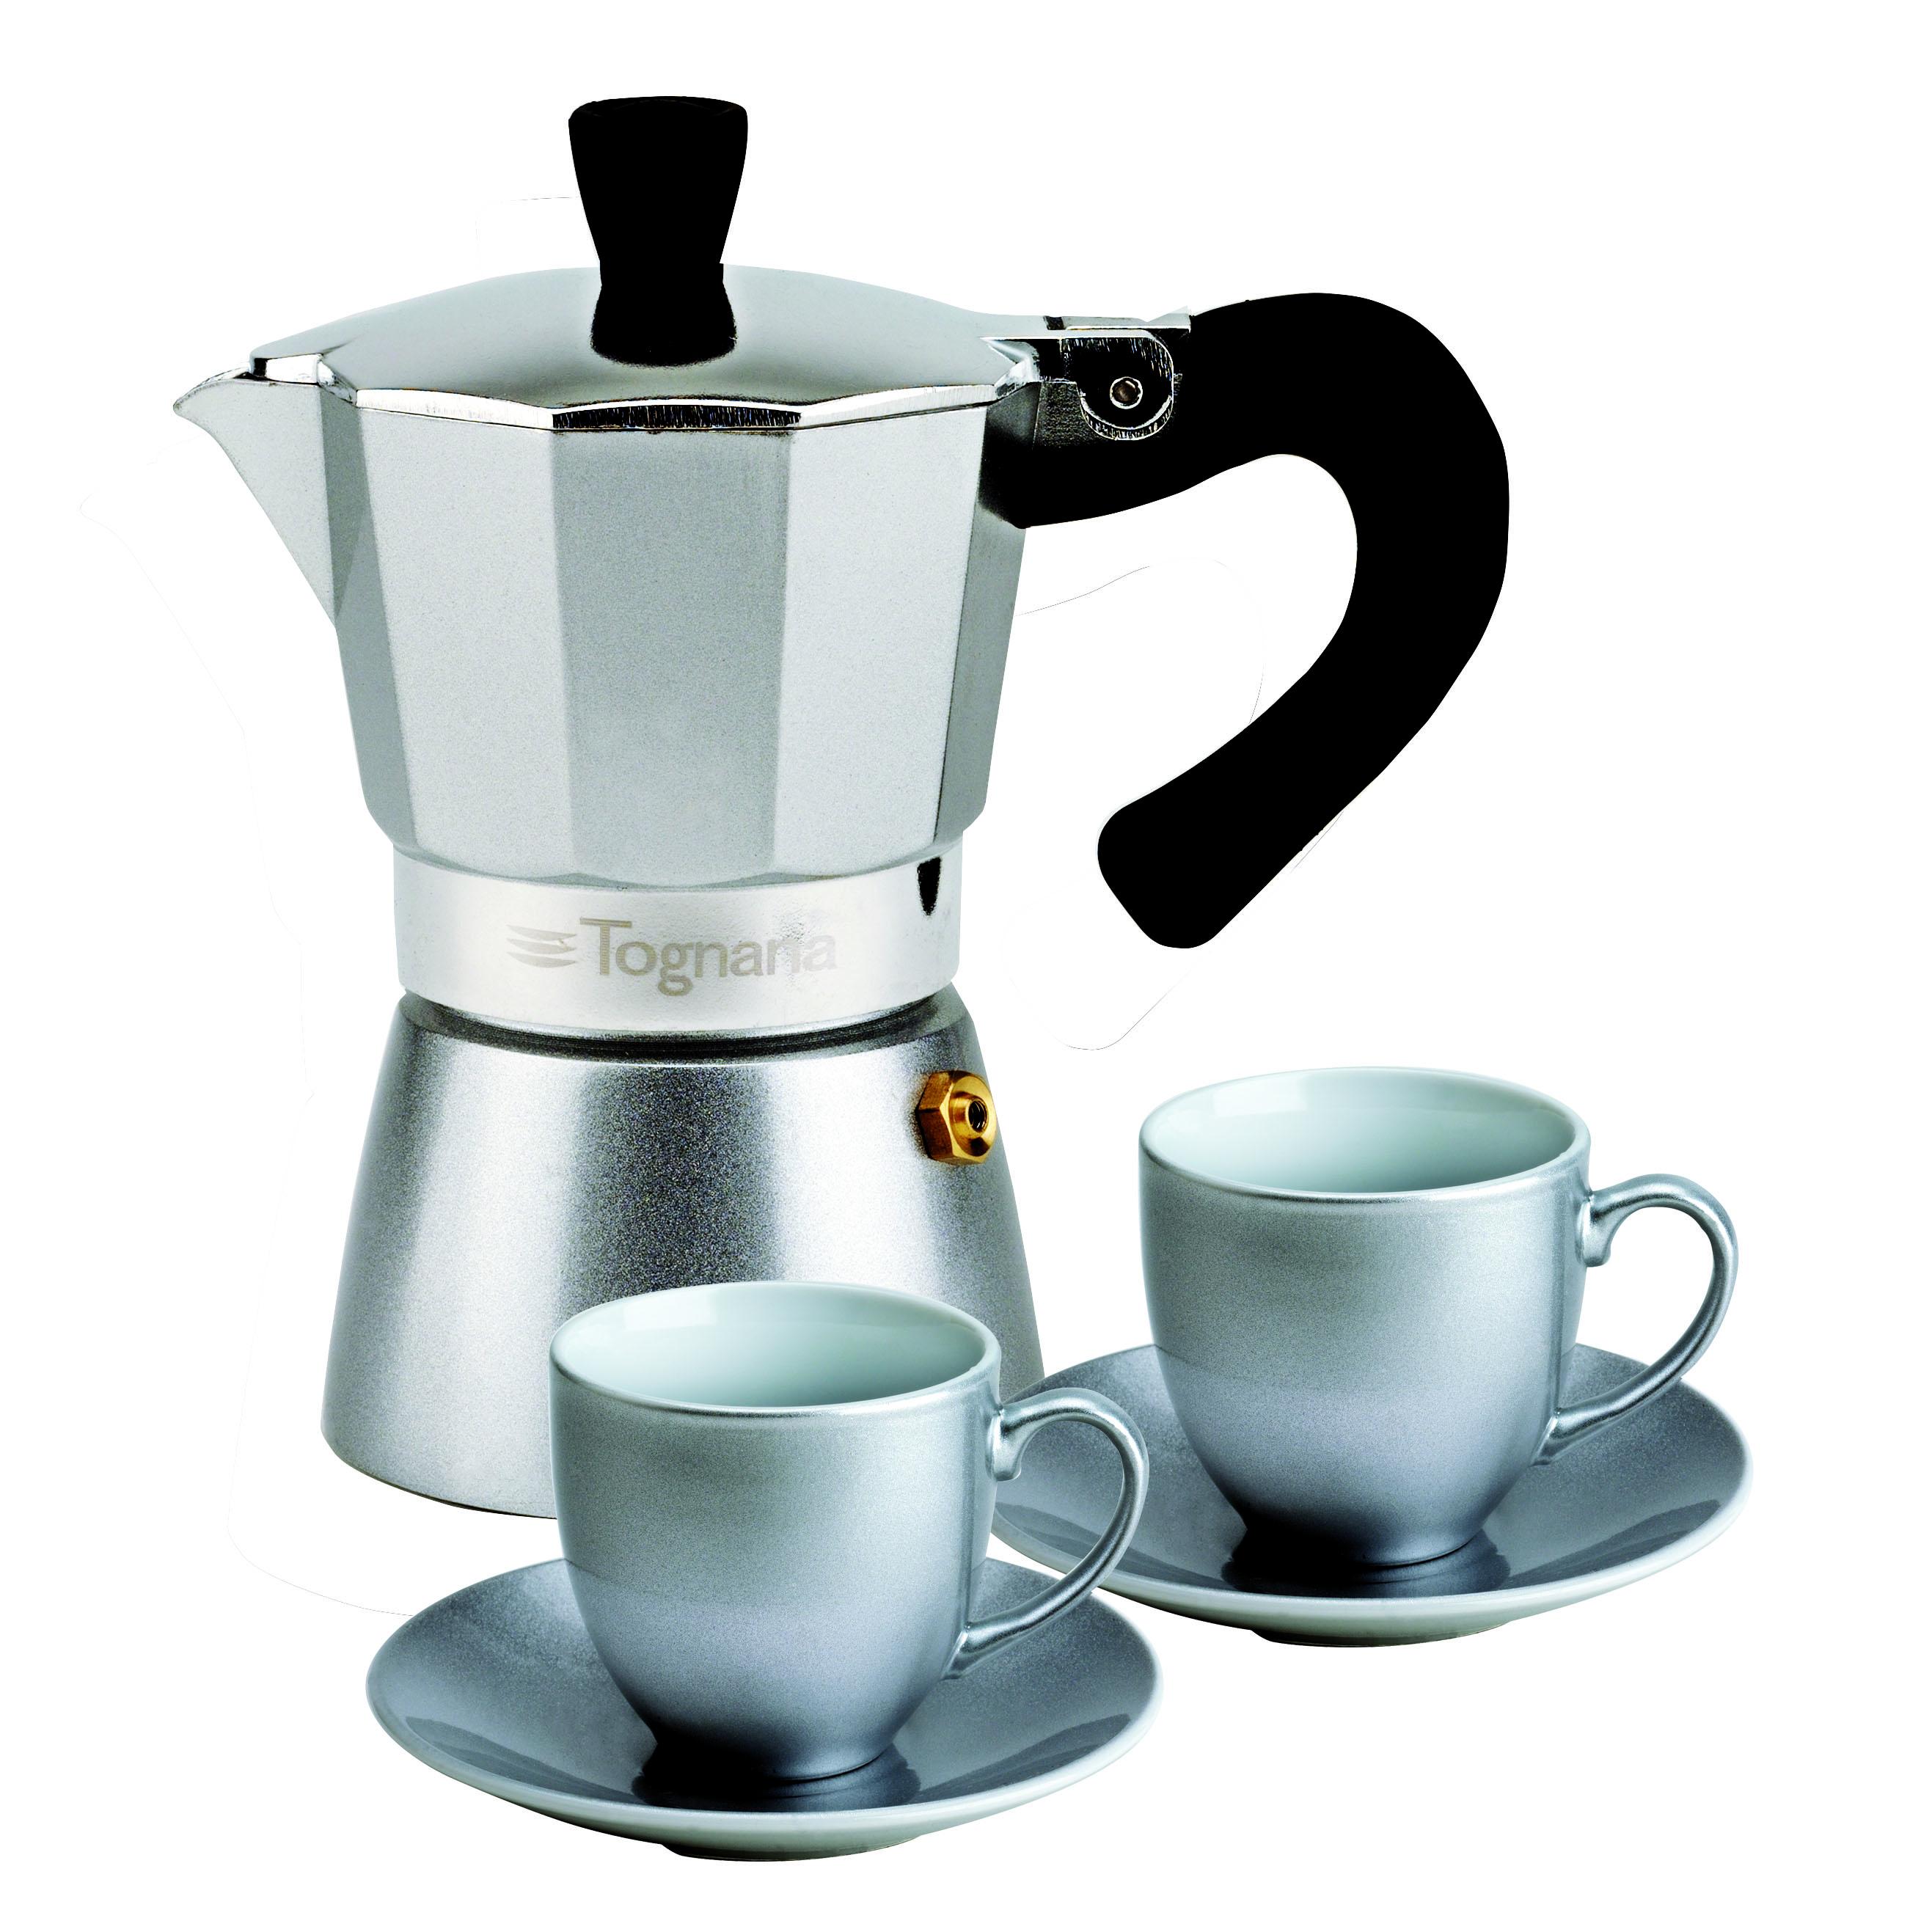 Набор для кофе 3 предмета GRANCUCINAНабор для кофе GRANCUCINA выполнен в технологичном стиле и органично дополнит интерьер кухни. Ценители вкусного кофе смогут легко сварить любимый напиток в гейзерной кофеварке, объем которой рассчитан точно на две чашки.Качество в стиле хай-текКачественные материалы, из которых изготовлены предметы набора, способны долгое время сохранять свой внешний вид и функциональность. Цвет кофеварки и чашек подобран так, чтобы предметы удачно смотрелись в любой обстановке. Купить набор для кофе Гранкучина Тоньяна по доступной цене легко, оформив заказ на интернет-странице магазина Cookhouse. Приятным бонусом для вас станет бесплатная доставка в пределах Москвы и Санкт-Петербурга (сумма заказа от 4 тысяч рублей) и в другие регионы РФ (товары на сумму от 7 тысяч рублей).<br>